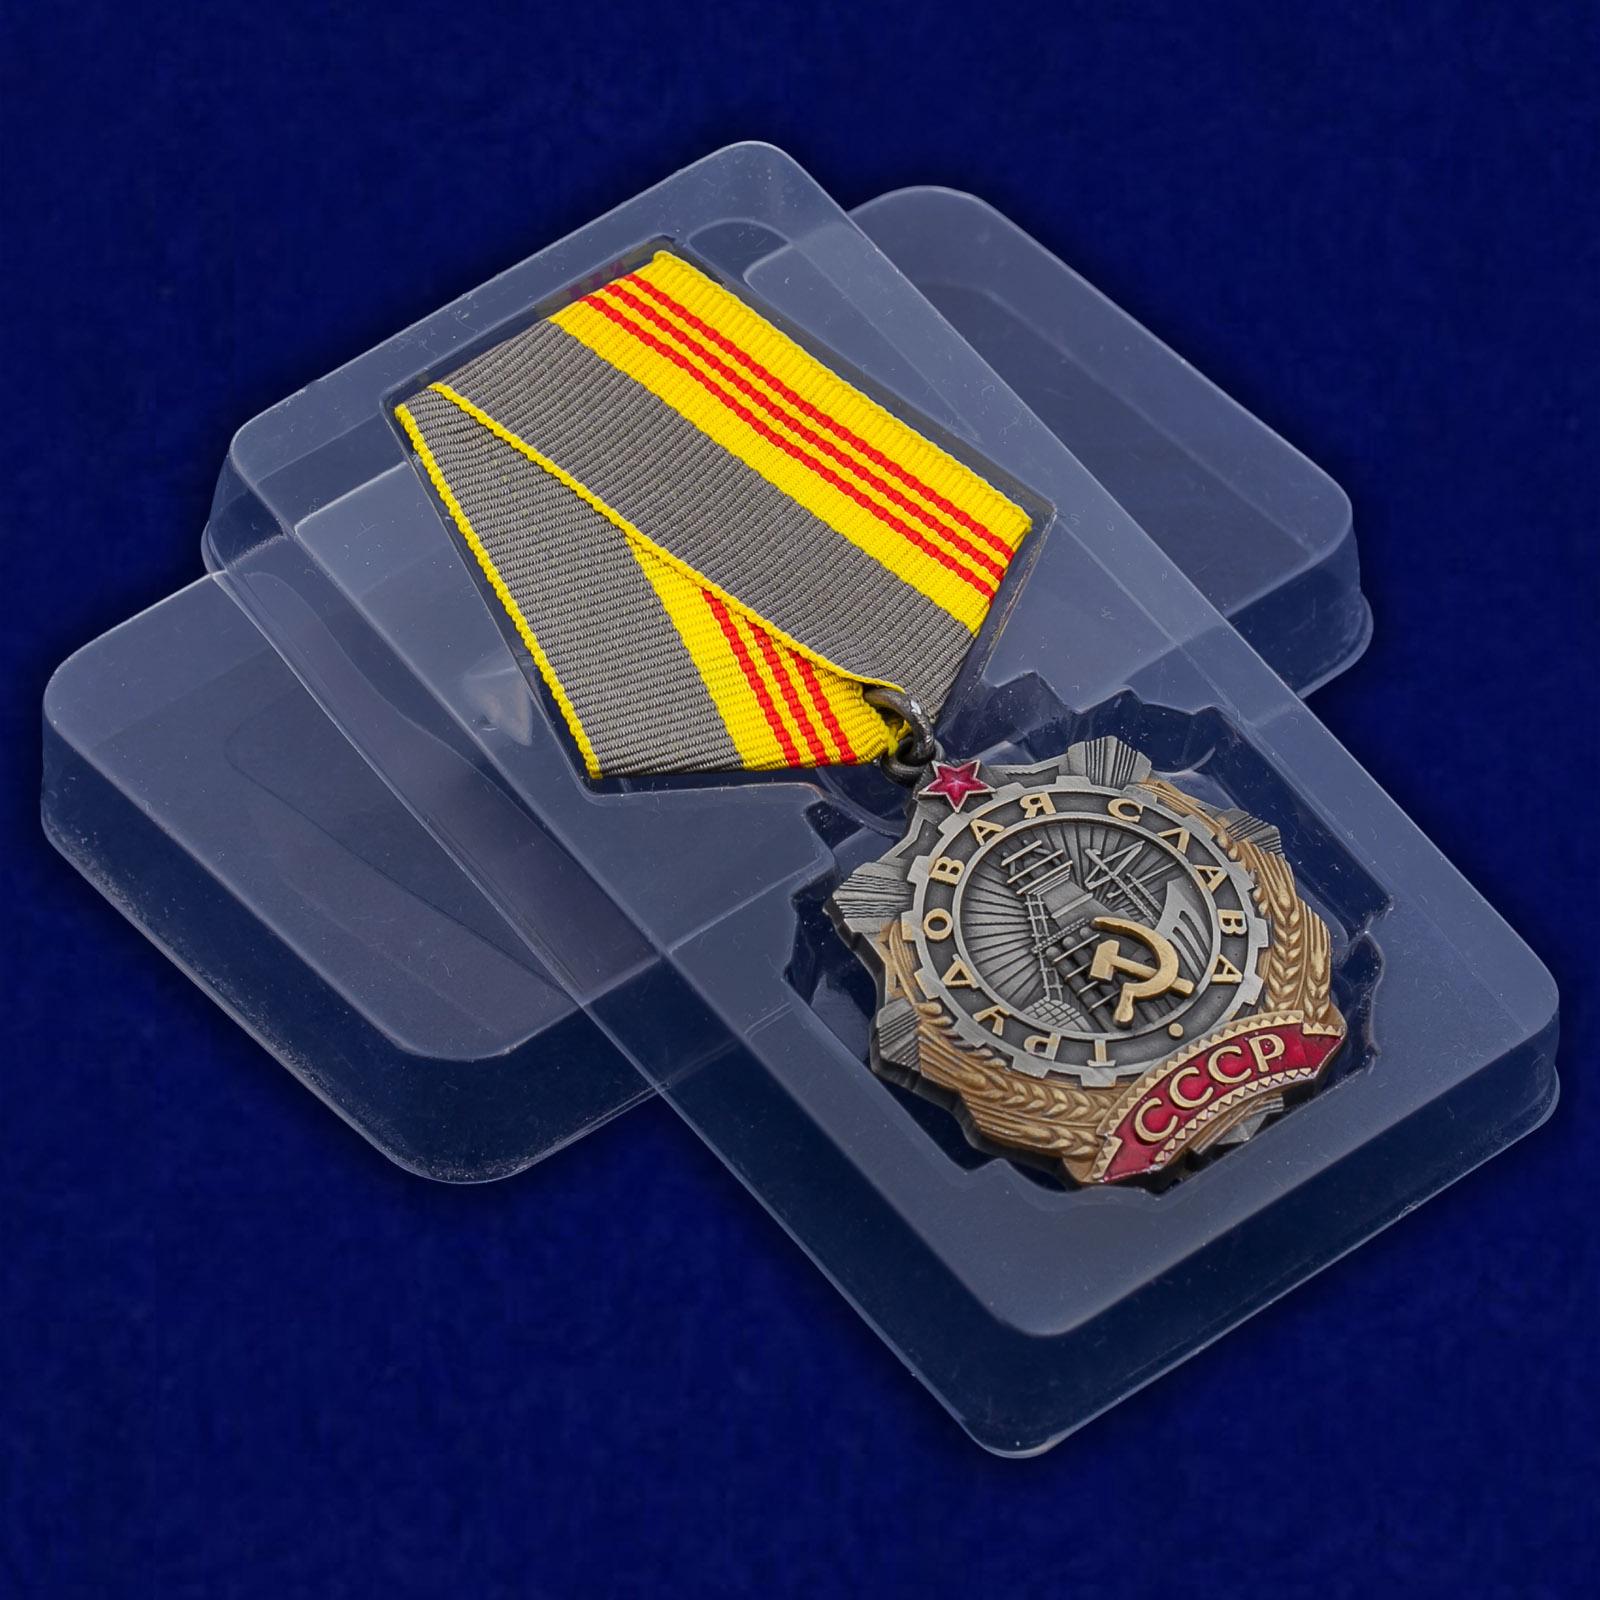 Орден Трудовой Славы 3 степени в виде муляжа в футляре